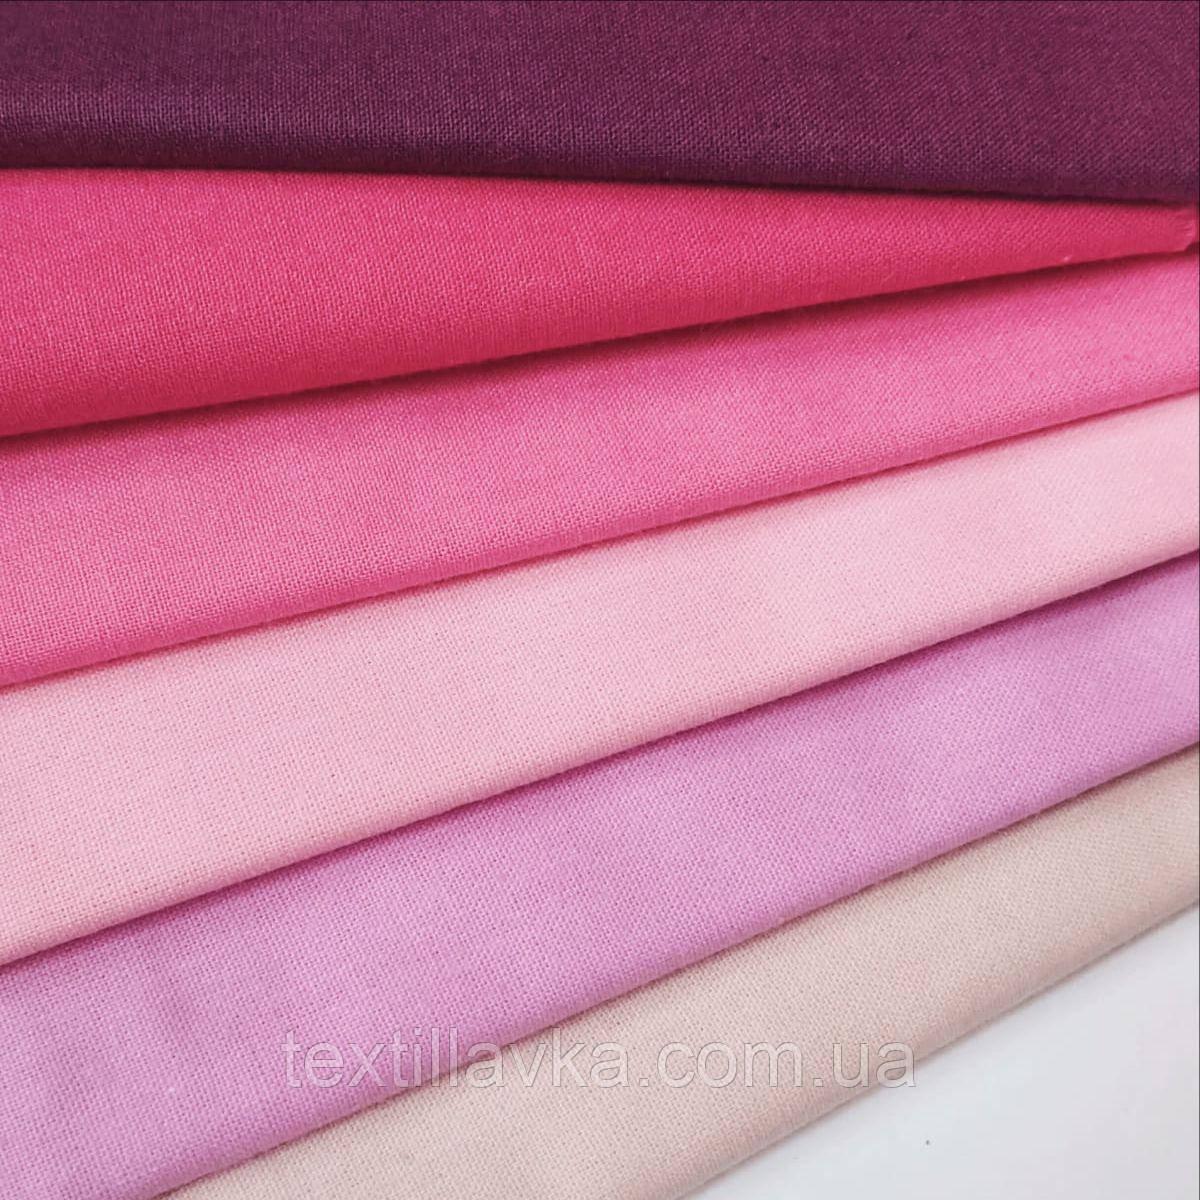 Набор хлопковой ткани для рукоделия из 6 шт.